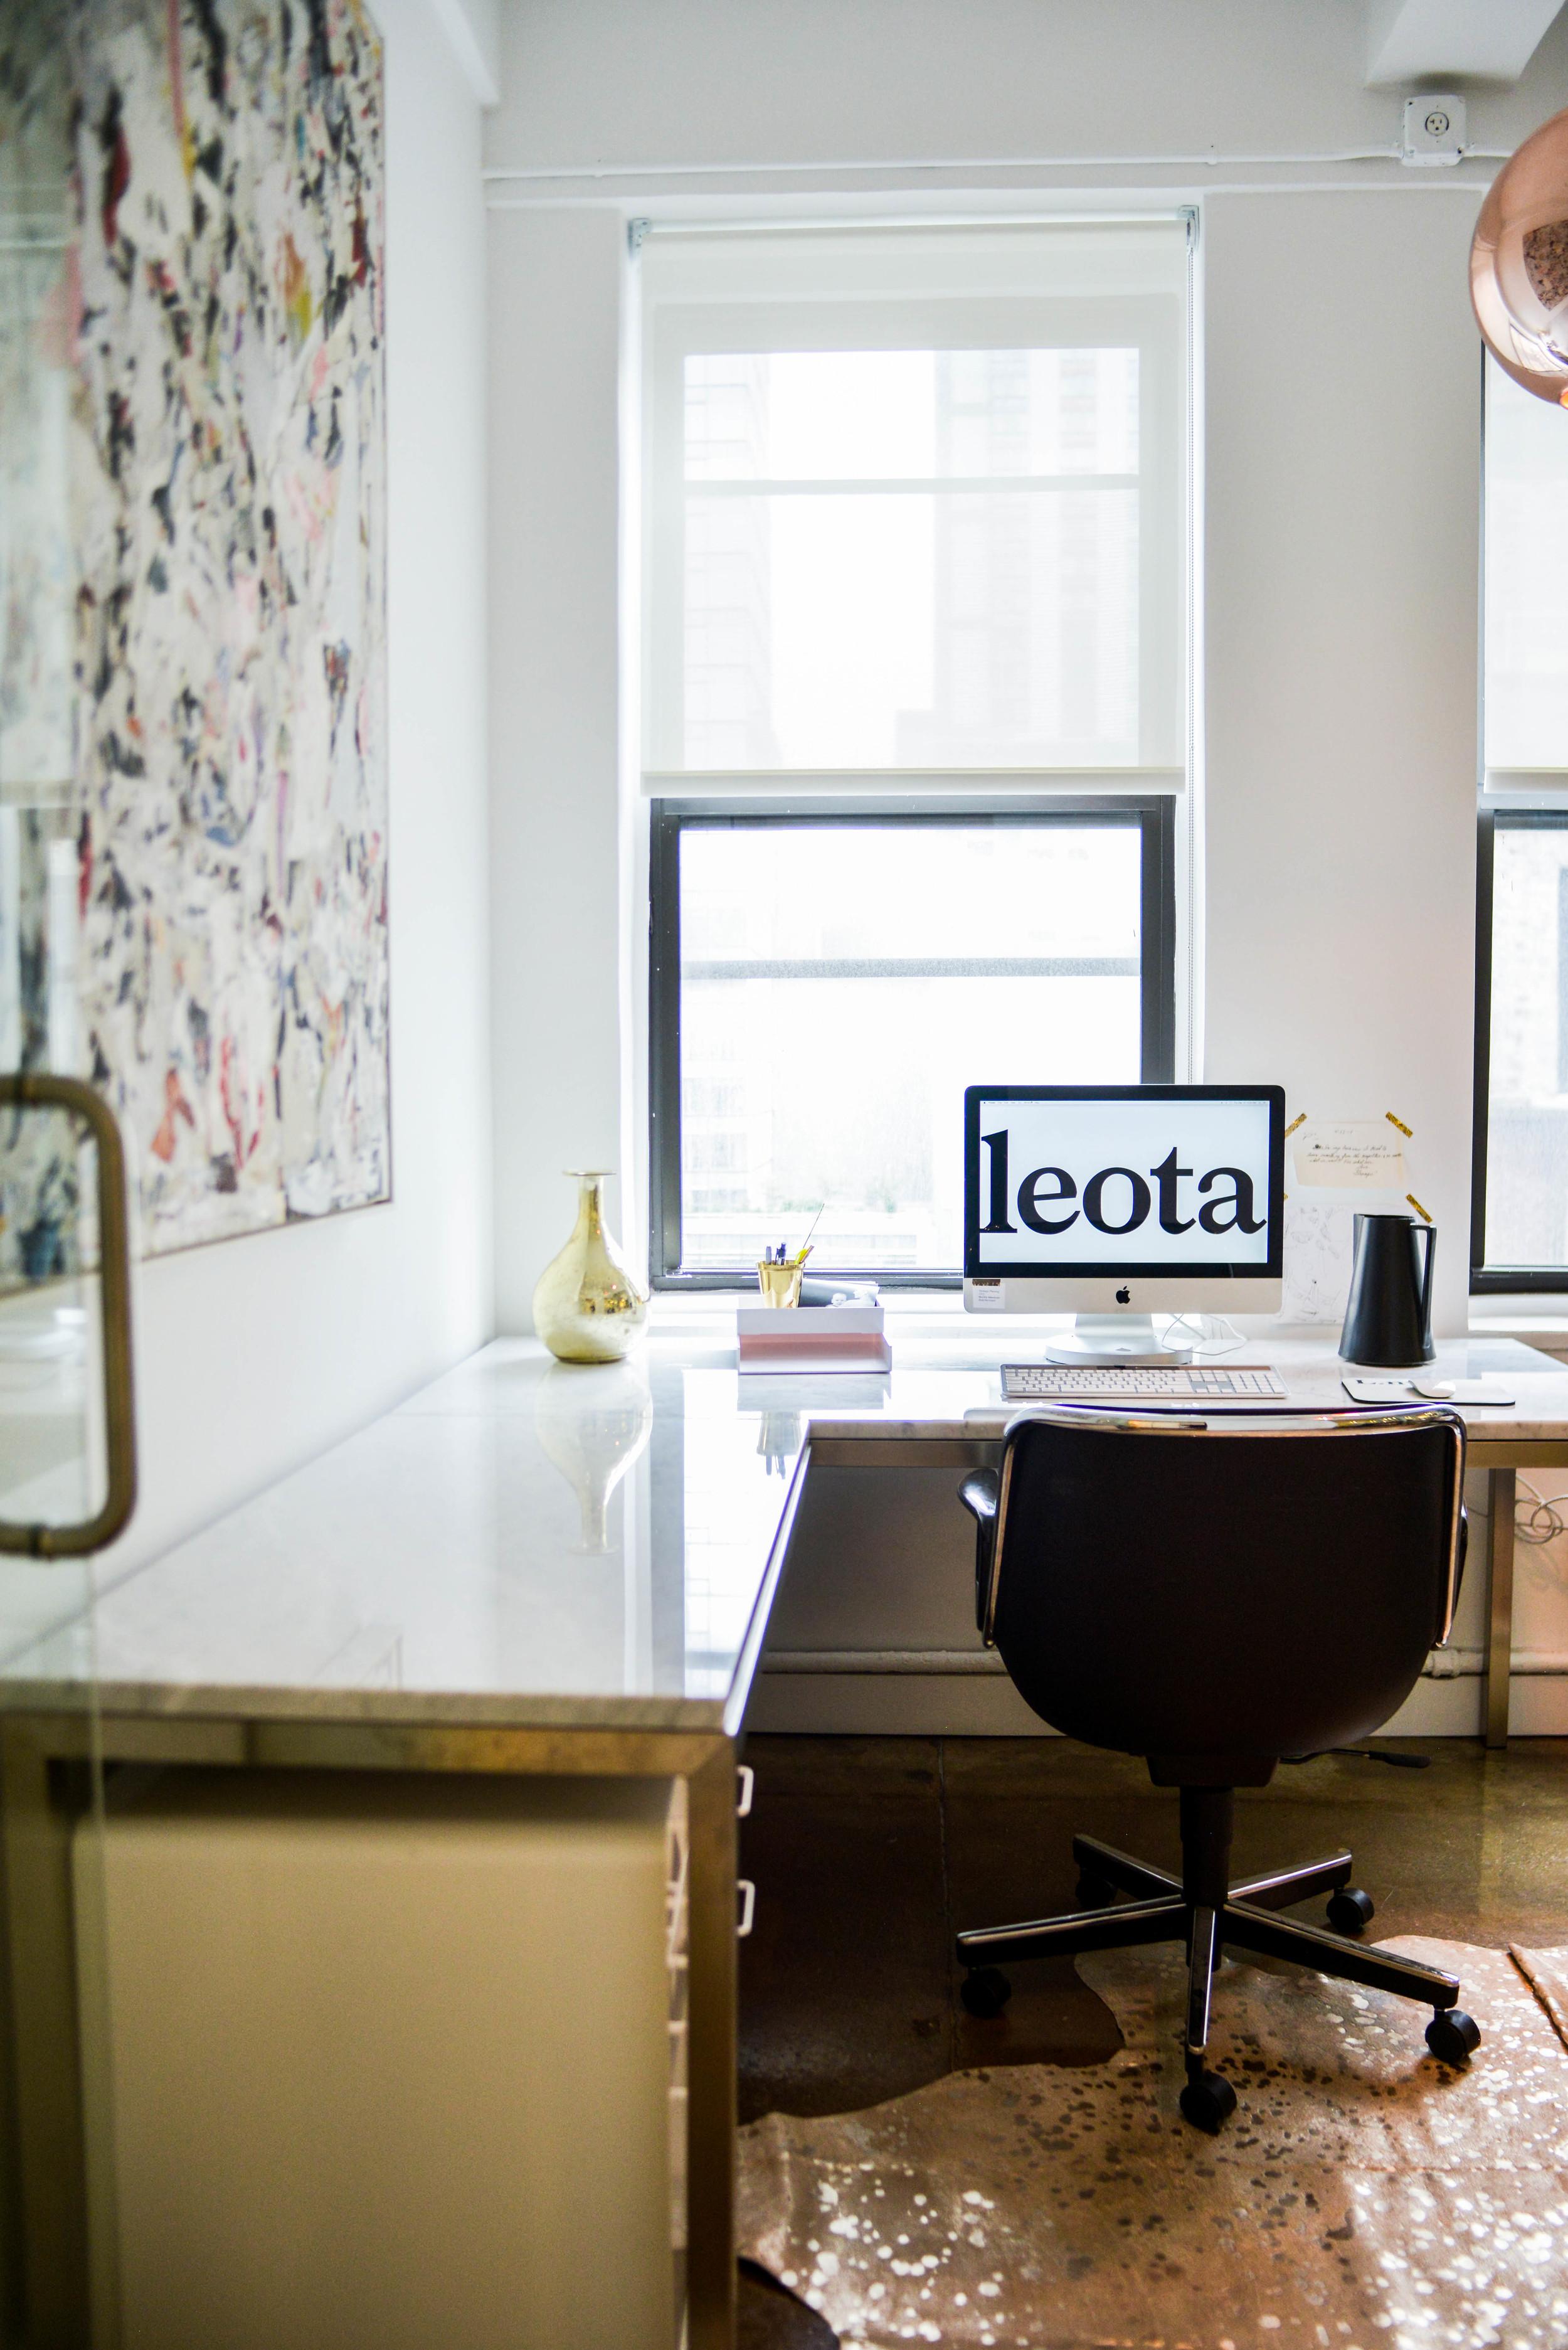 LEOTA SHOWROOM + OFFICES - NEW YORK, NY